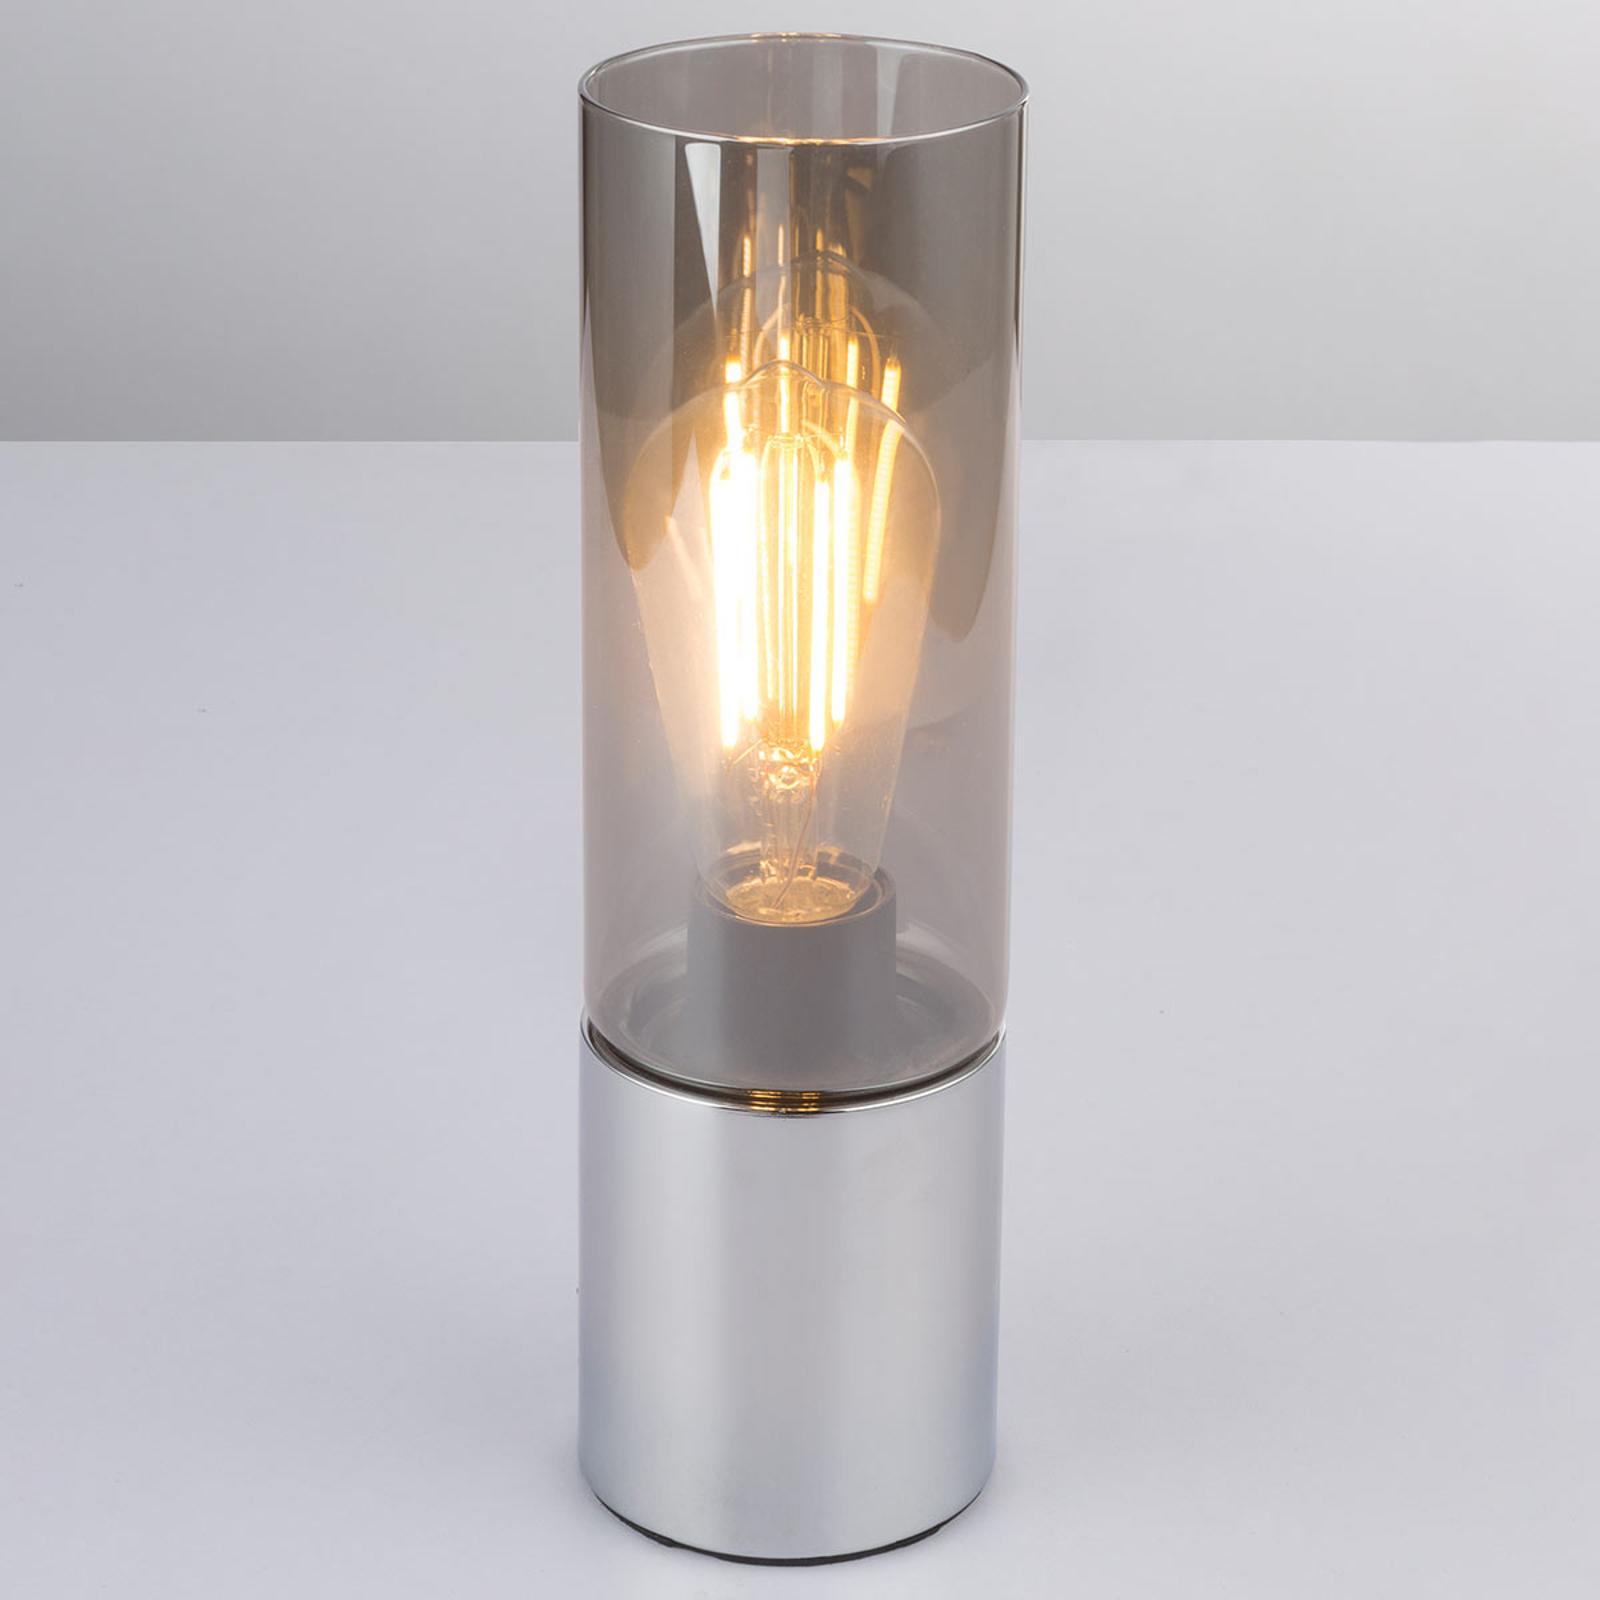 Lampa stołowa Annika z przydymionym szarym kloszem